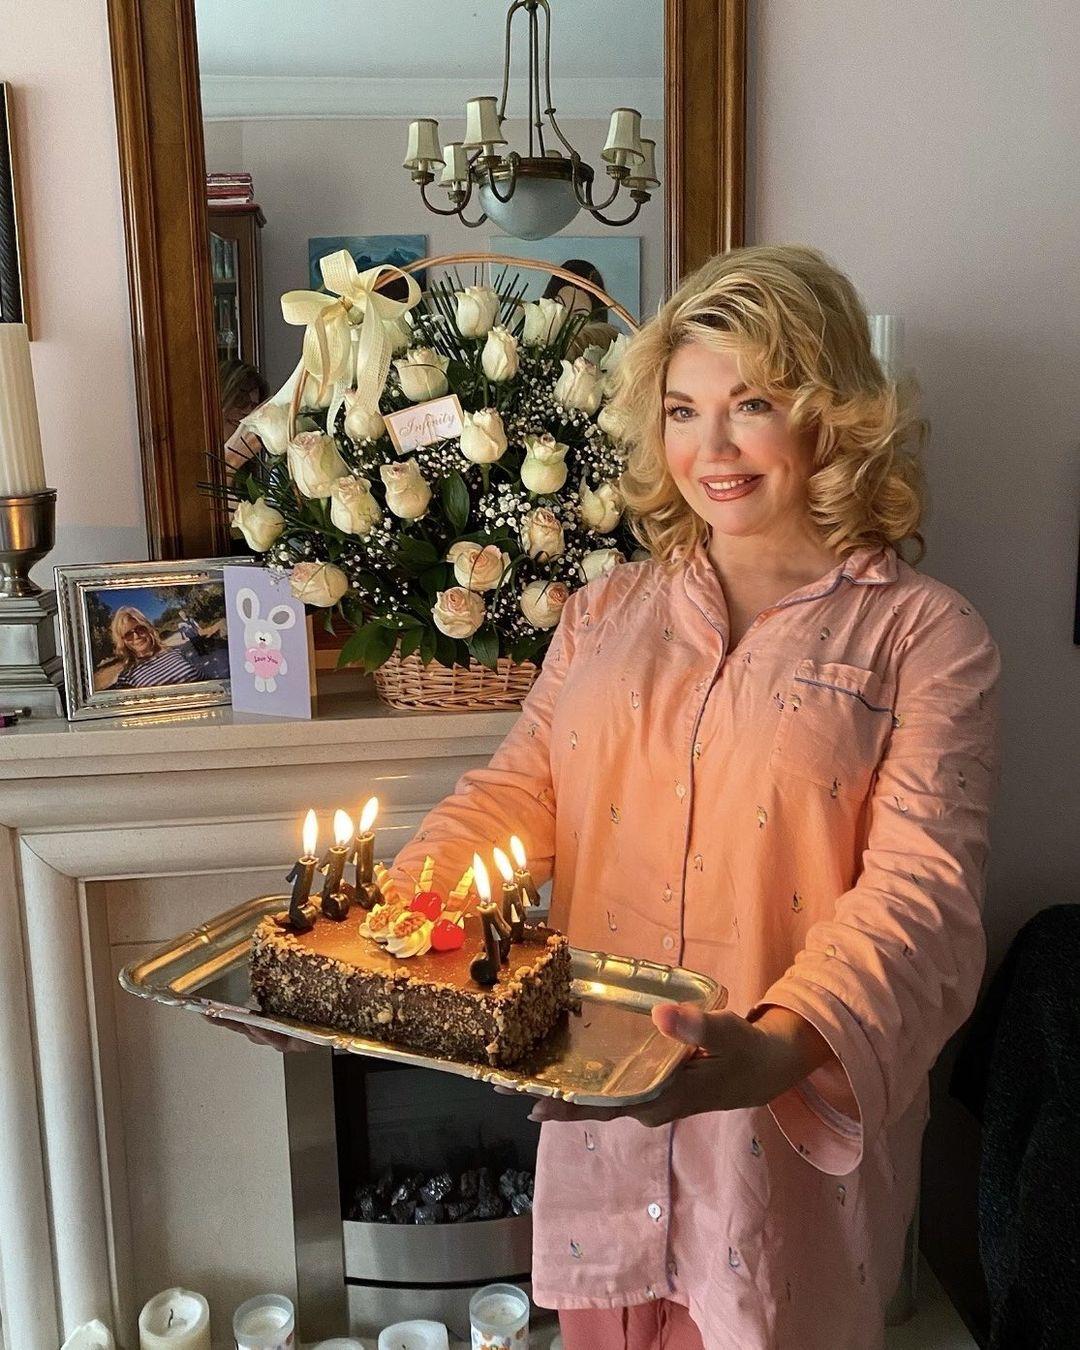 Suzana Mančić progovorila o STARENJU: 'Sada, kada je dobar deo života iza mene...'